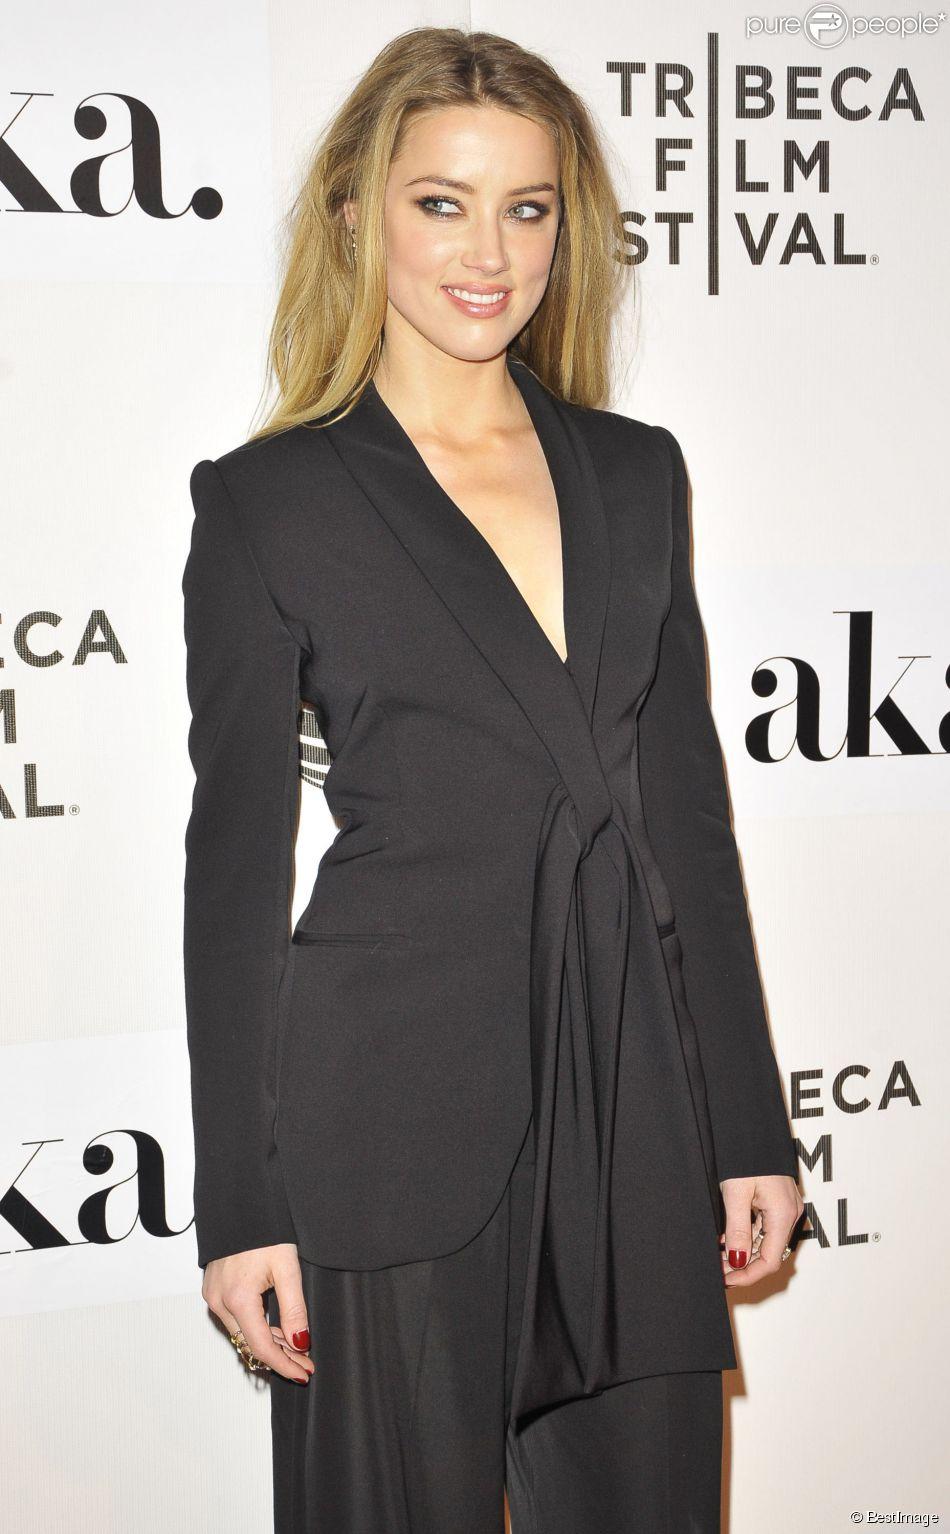 """Amber Heard à la première de """"The Adderall Diaries"""" lors du Festival du film Tribeca 2015 à New York, le 16 avril 2015."""